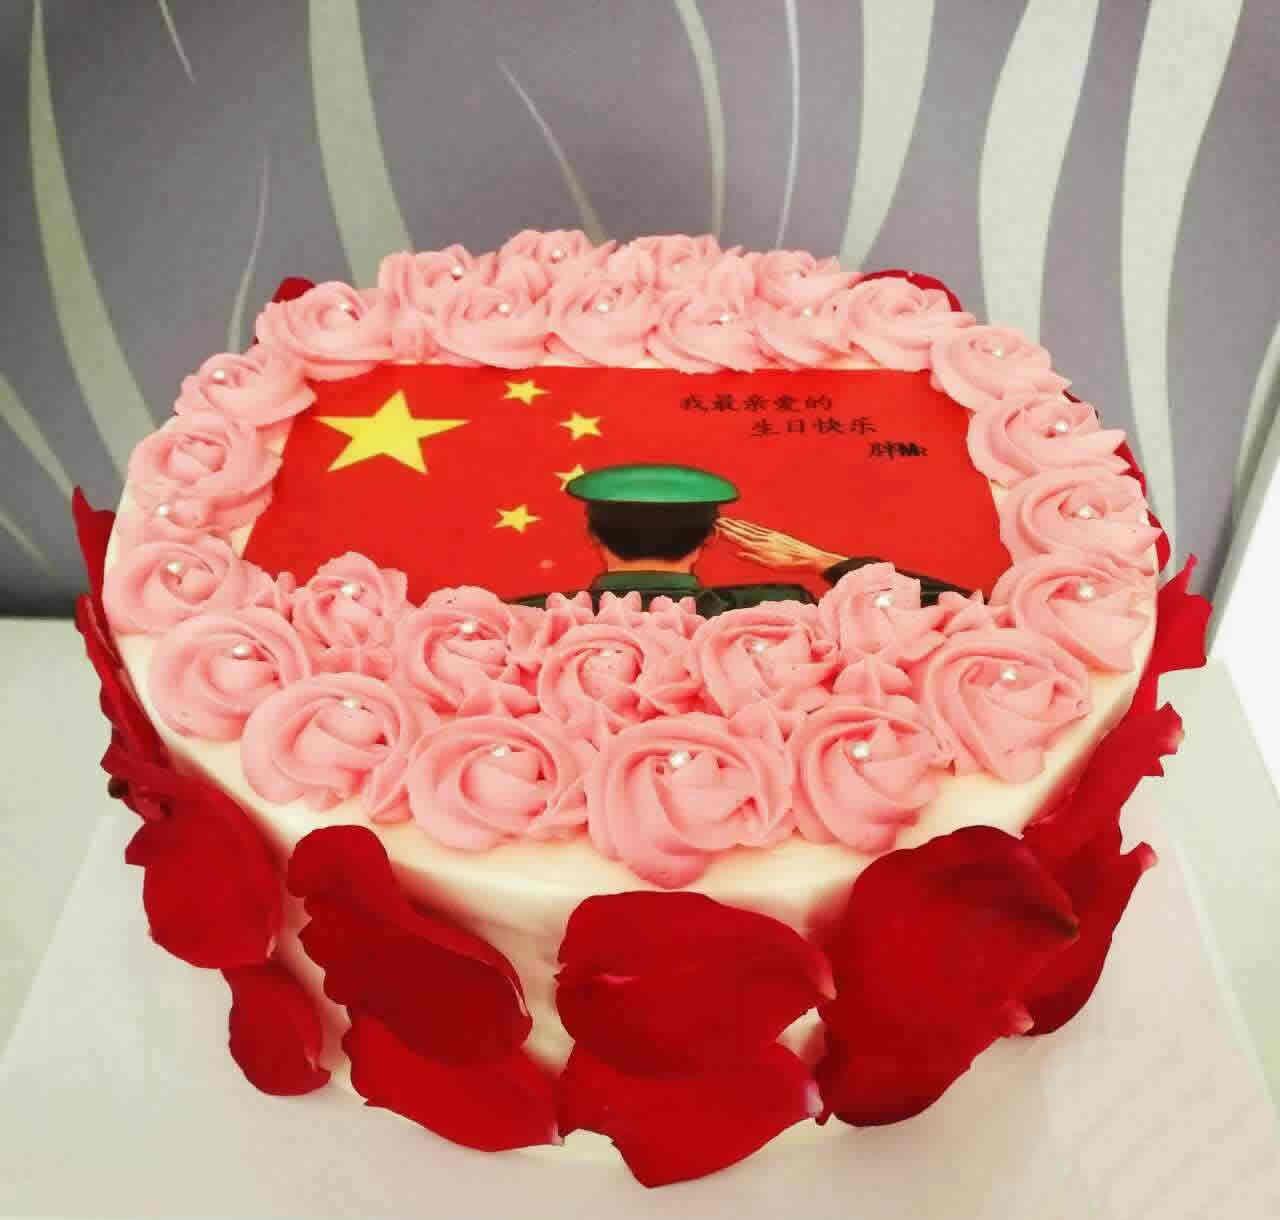 鲜花蛋糕-红旗飘飘